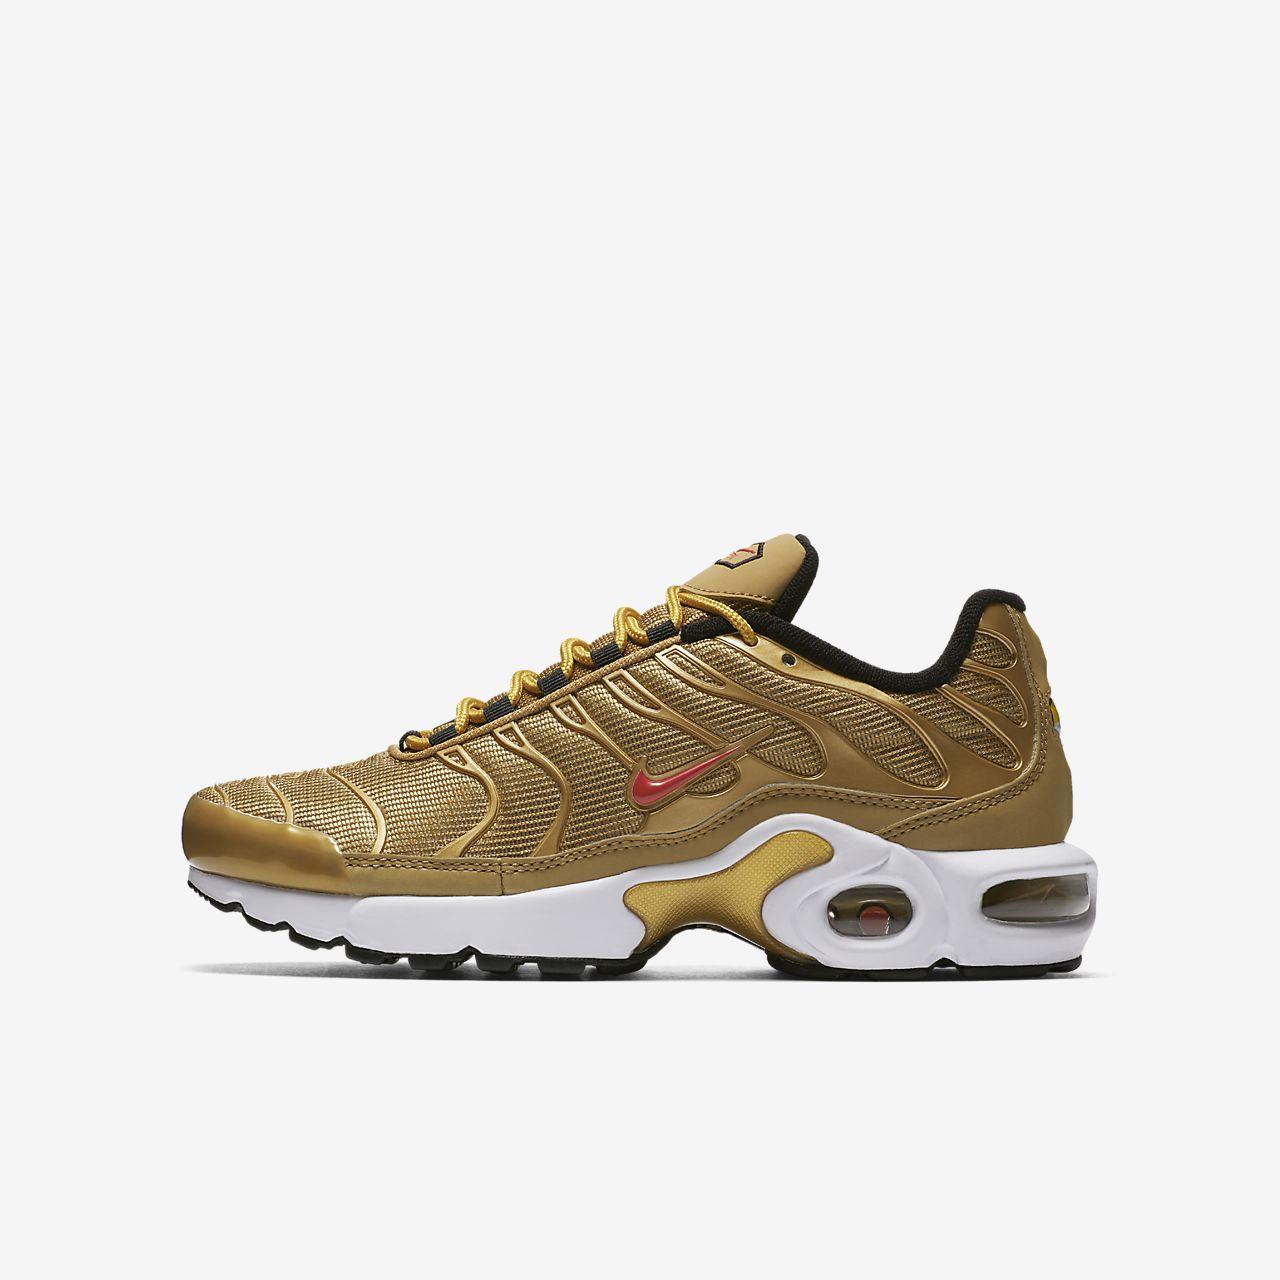 ... Chaussure Nike Air Max Plus TN SE pour Enfant plus âgé